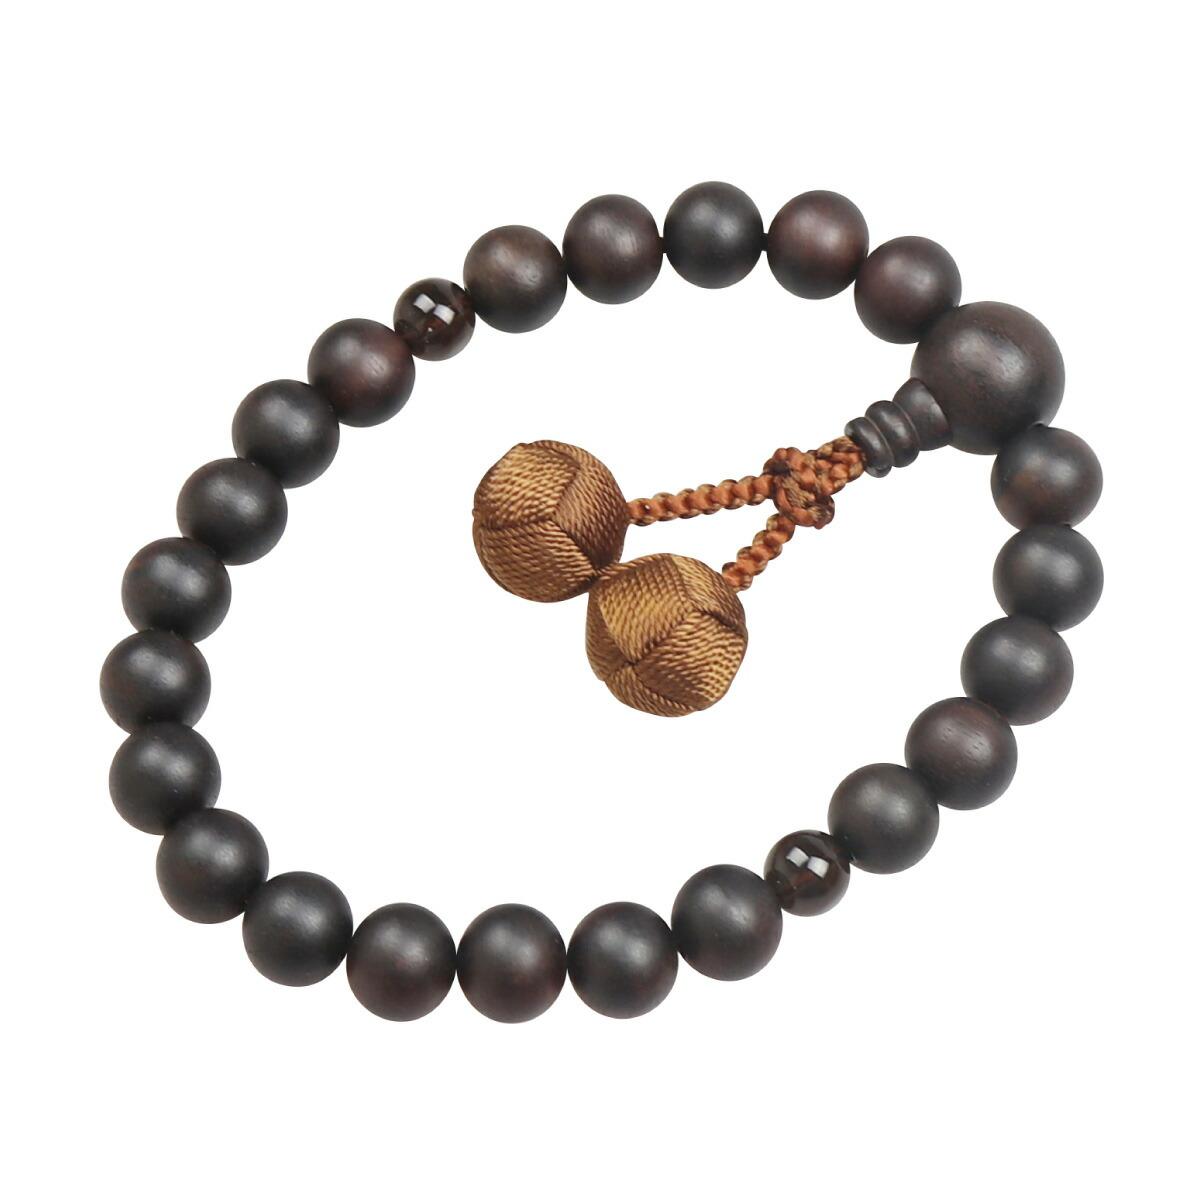 数珠(男性用略式)素挽 縞黒檀22珠(茶水晶) 利久梵天